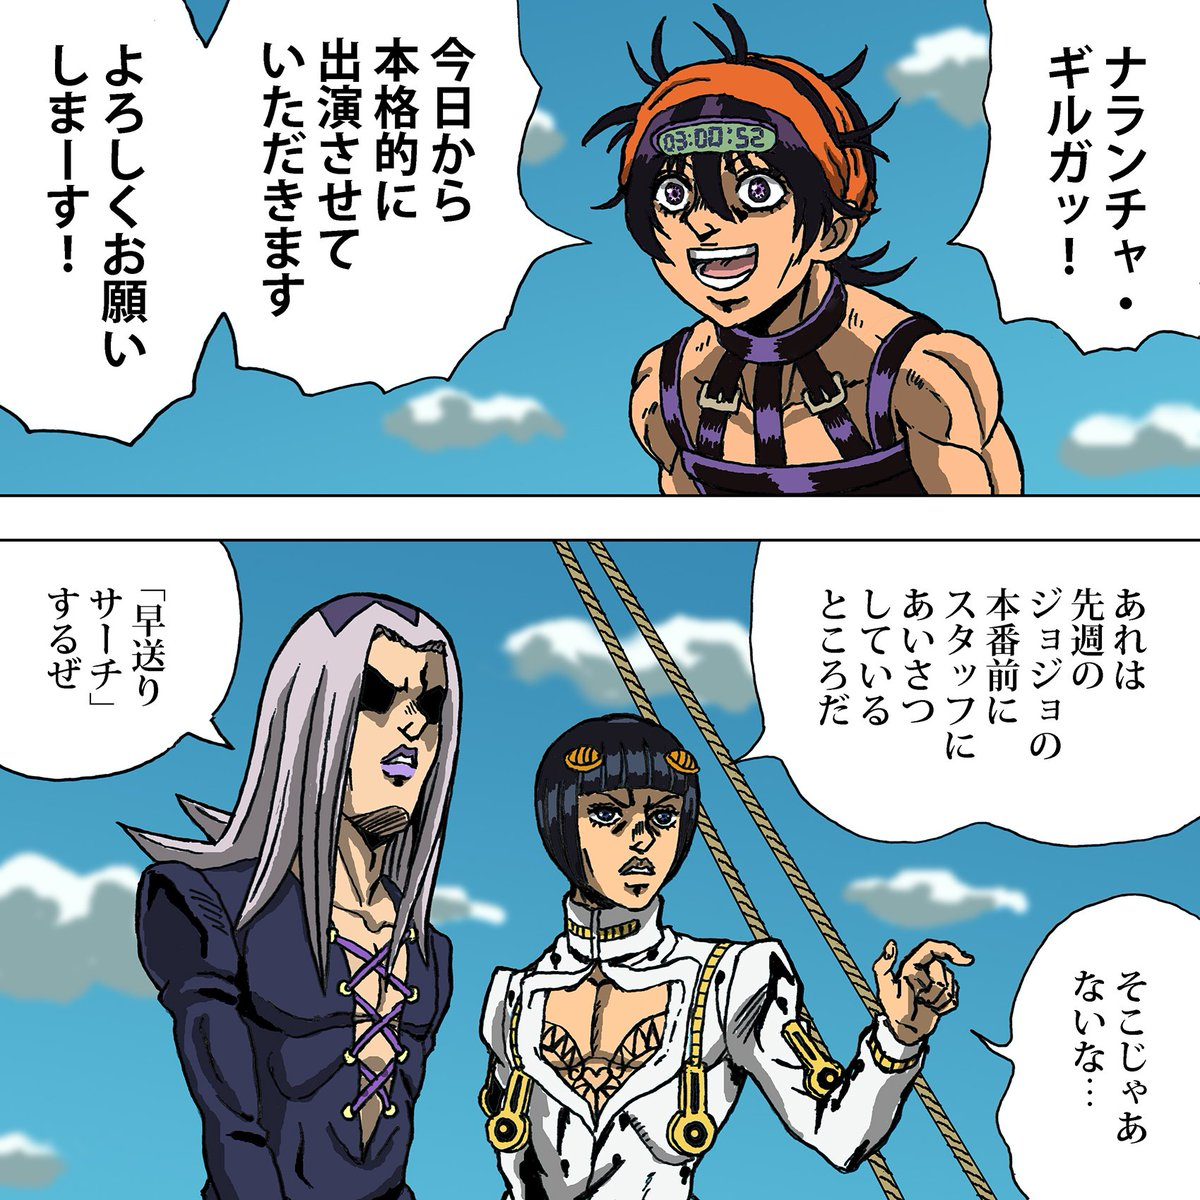 ナランチャの再生場面を間違えたアバッキオのムーディ・ブルース#jojo_anime